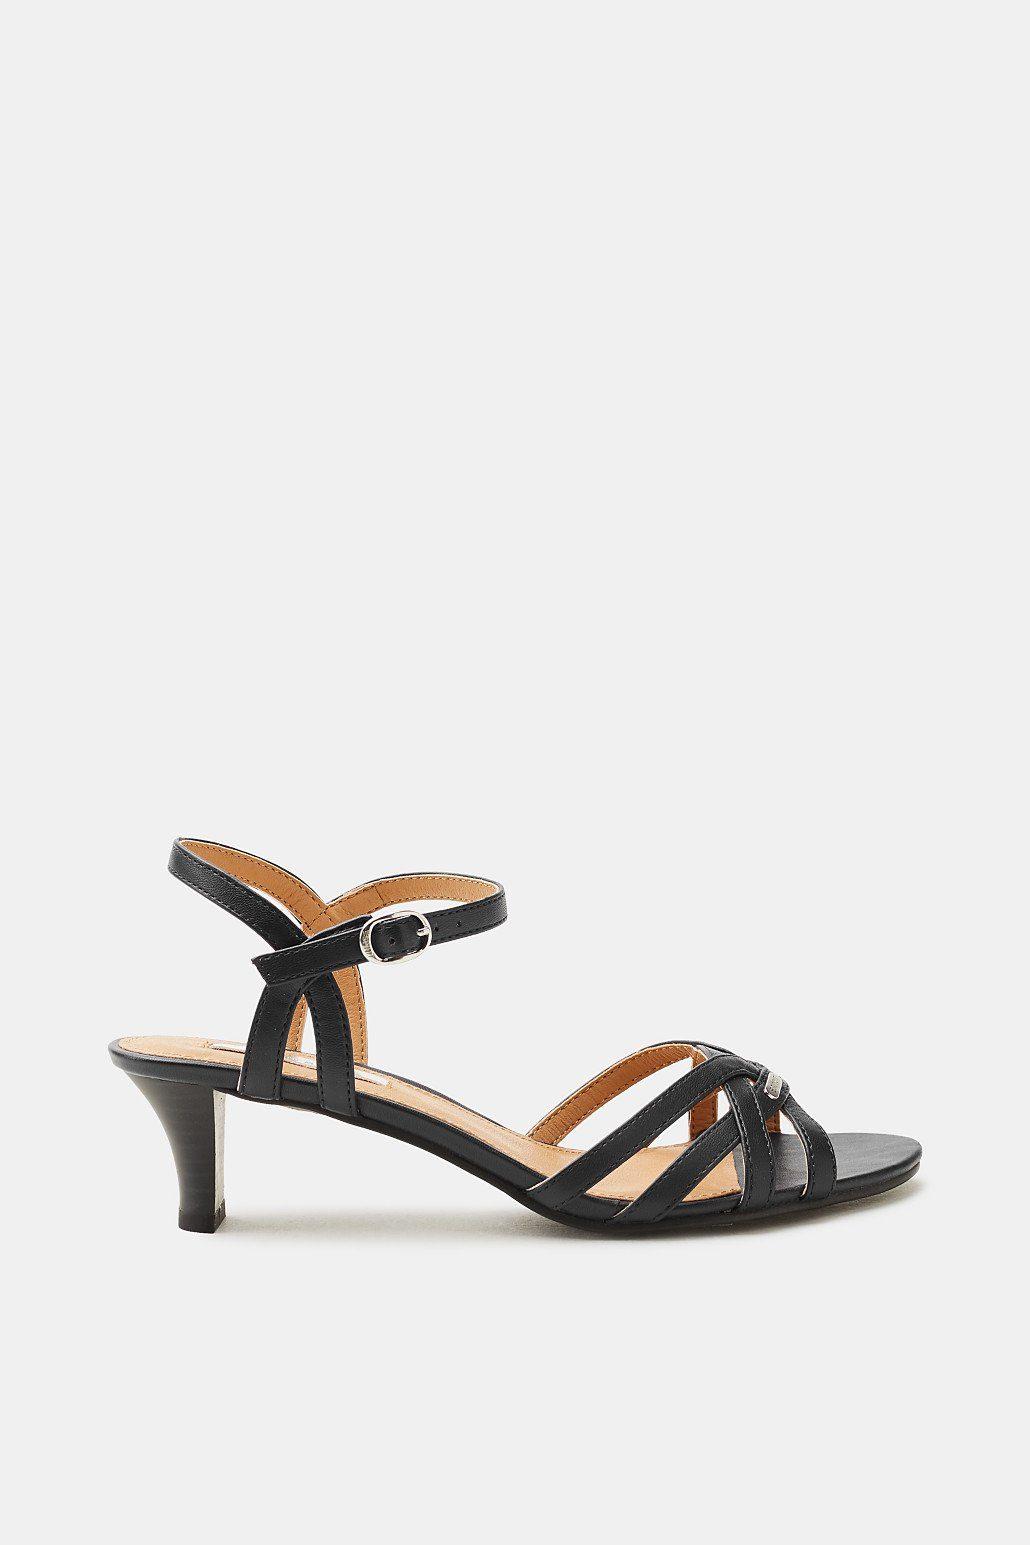 Esprit Sandalette mit Trichterabsatz, in Leder-Optik für Damen, Größe 42, White